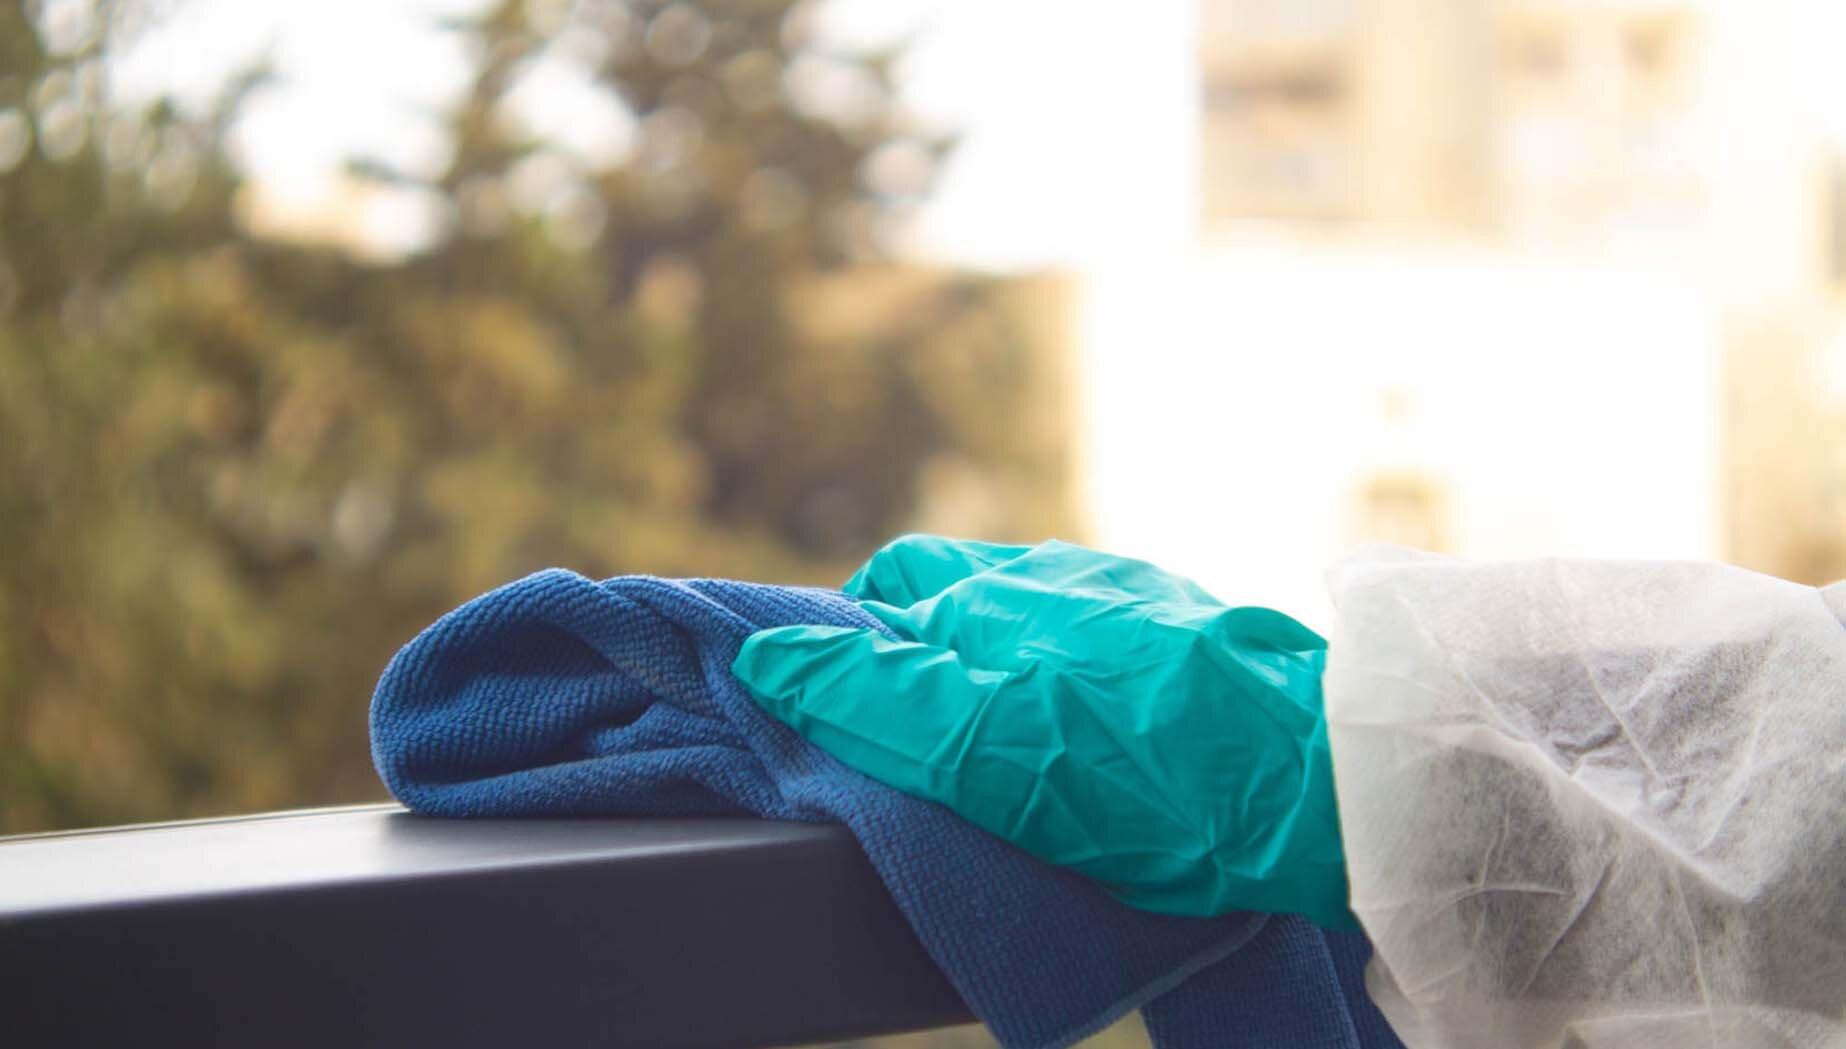 Die Fallzahlen hinsichtlich Corona steigen an. Hygiene Coach möchte auf Schutzmaßnahmen und die Übertragung durch Oberflächen aufmerksam machen.